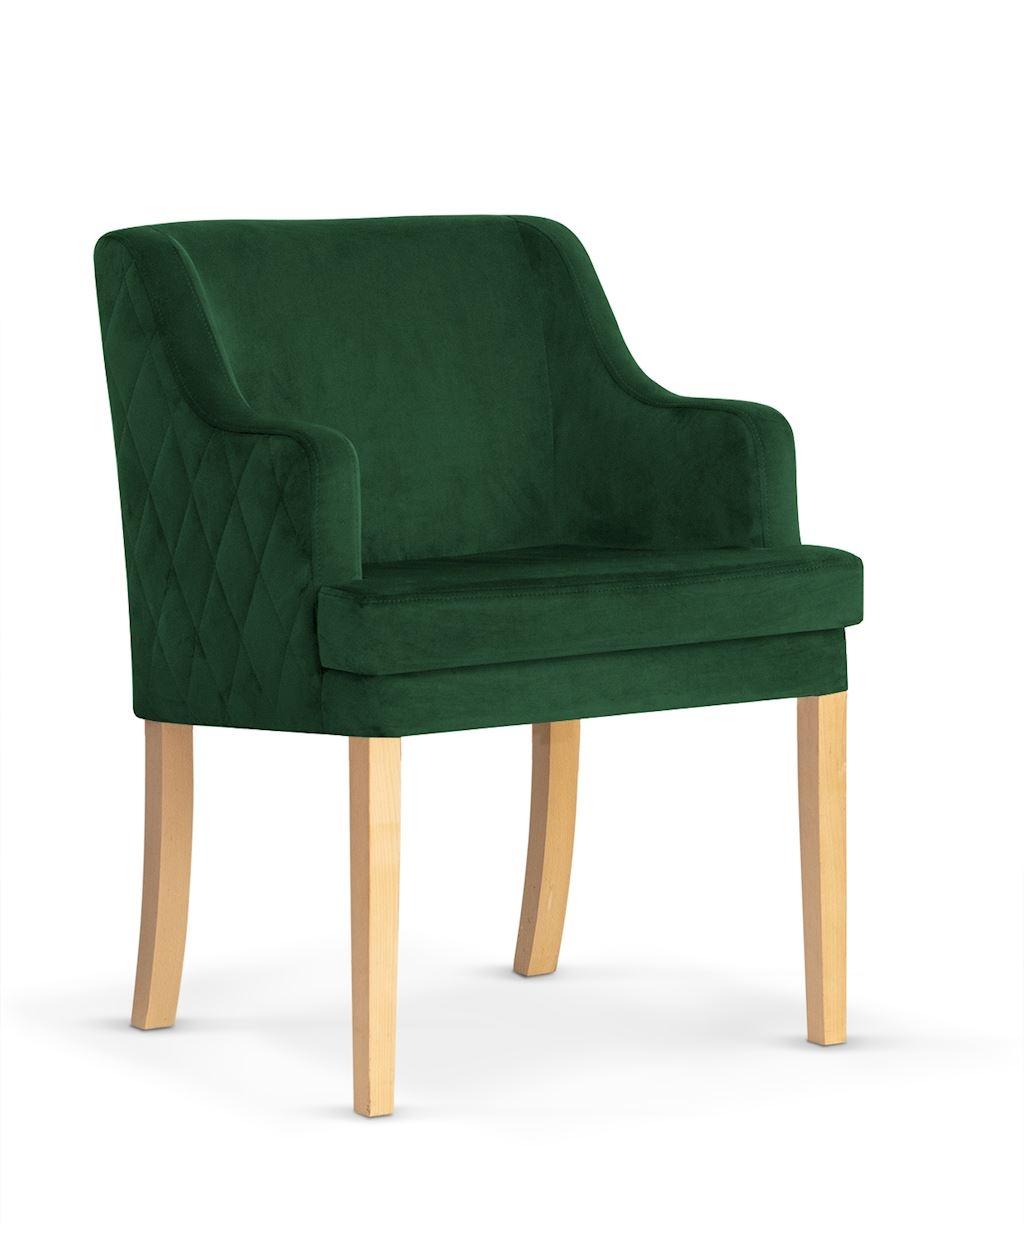 Fotoliu fix tapitat cu stofa, cu picioare din lemn Grand Green / Oak, l58xA60xH89 cm imagine